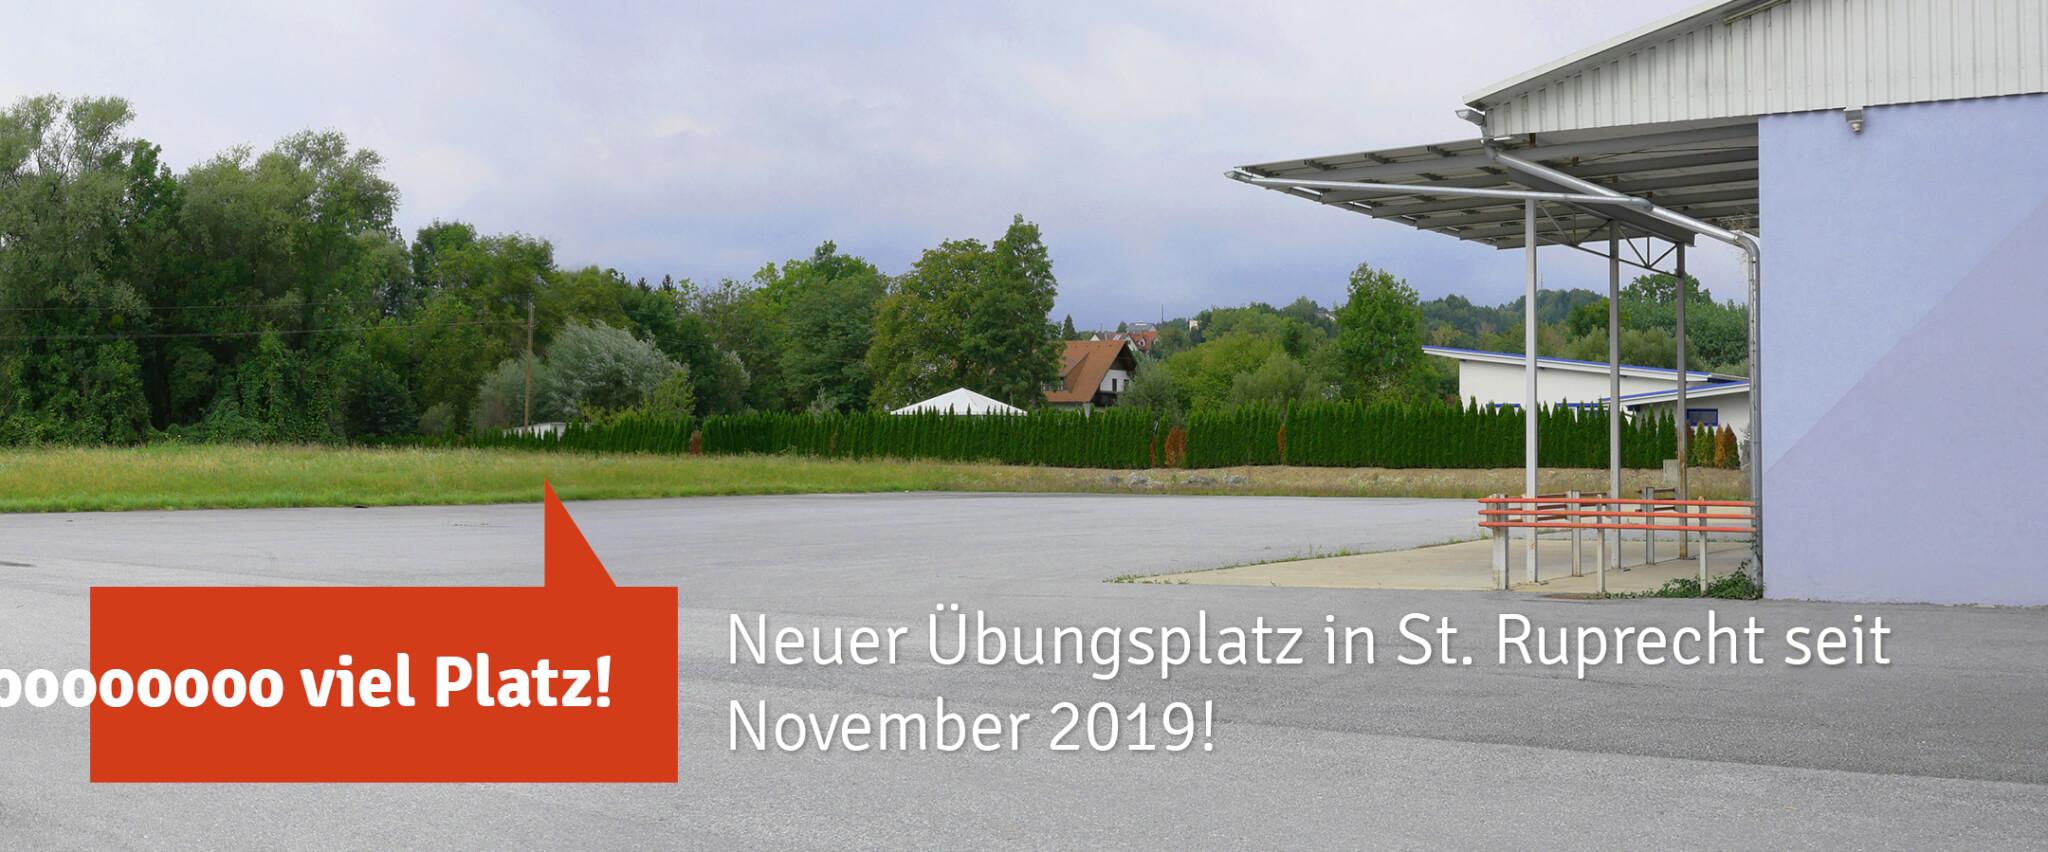 FKK_Ubungsplatz_Slider2_seit